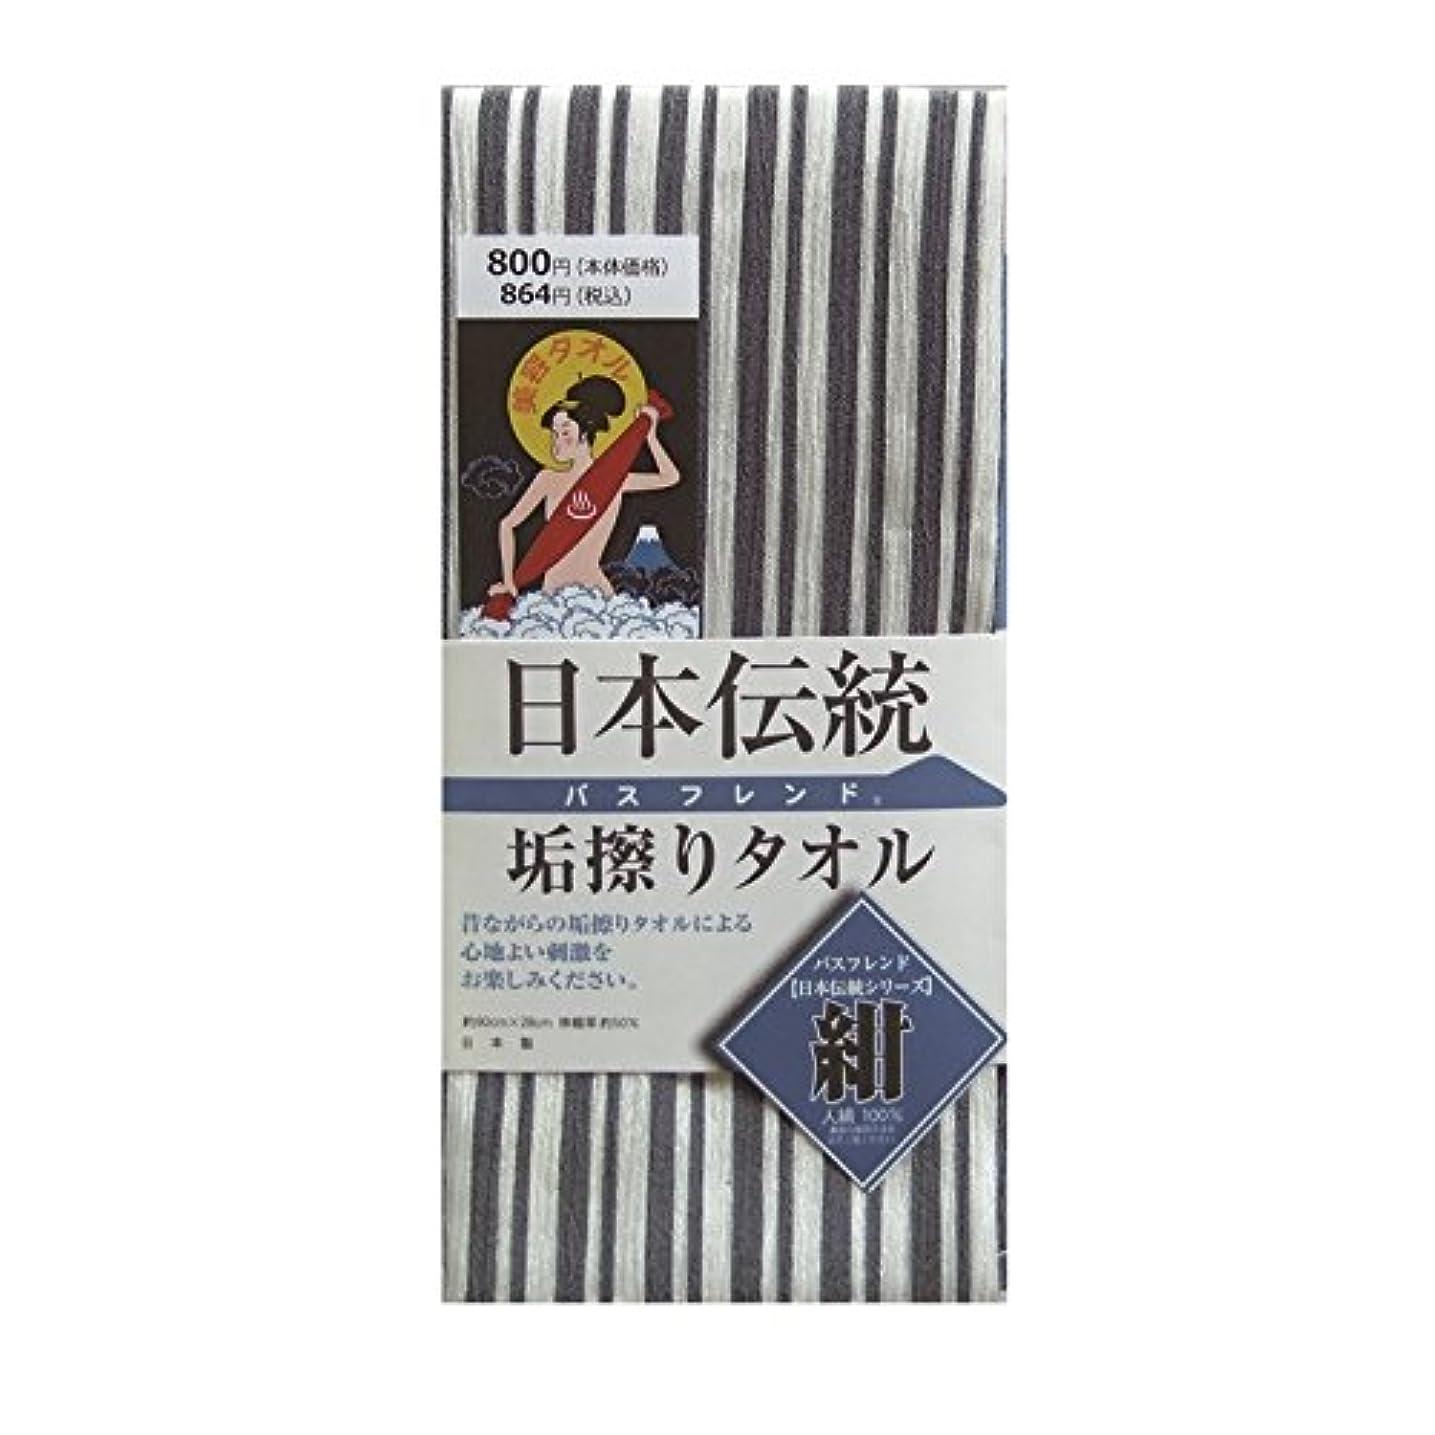 リア王捕虜混乱した日本伝統 垢すりタオル 紺